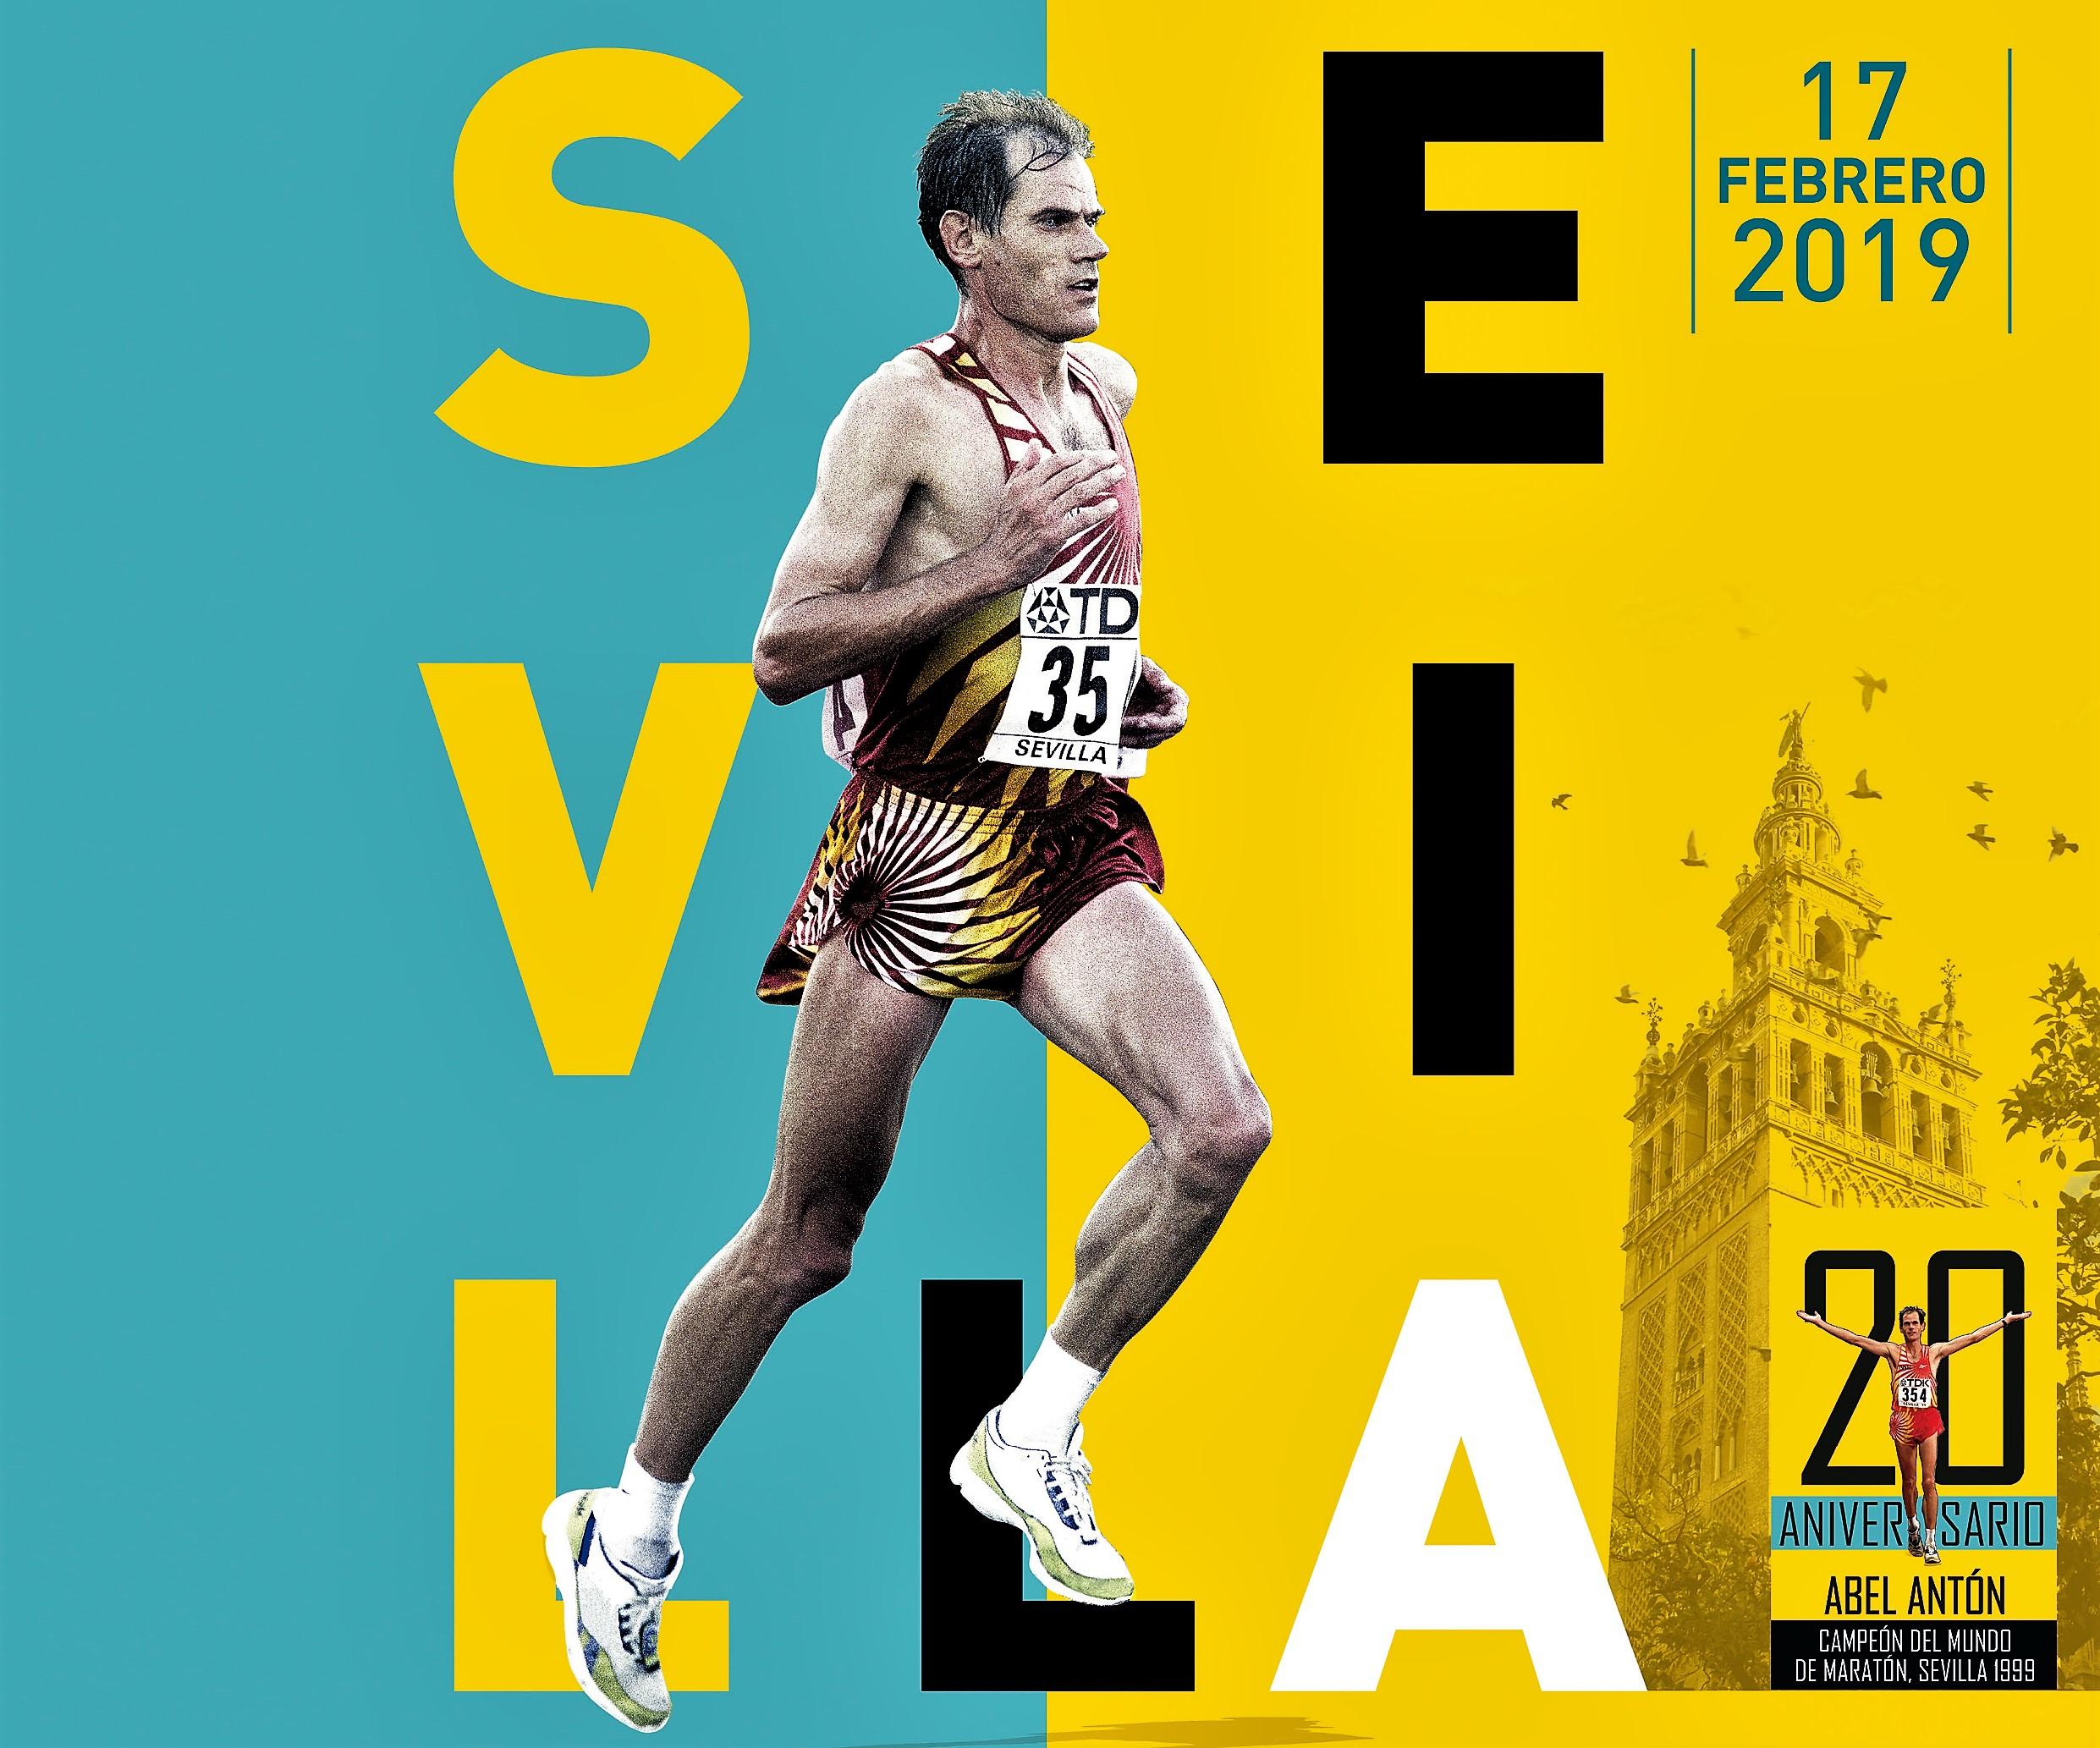 Maratón Sevilla 2.019 (17Feb) 14.000 dorsales, con sello oro IAAF. Homenaje Abel Antón y debut maraton para Fermín Cacho,